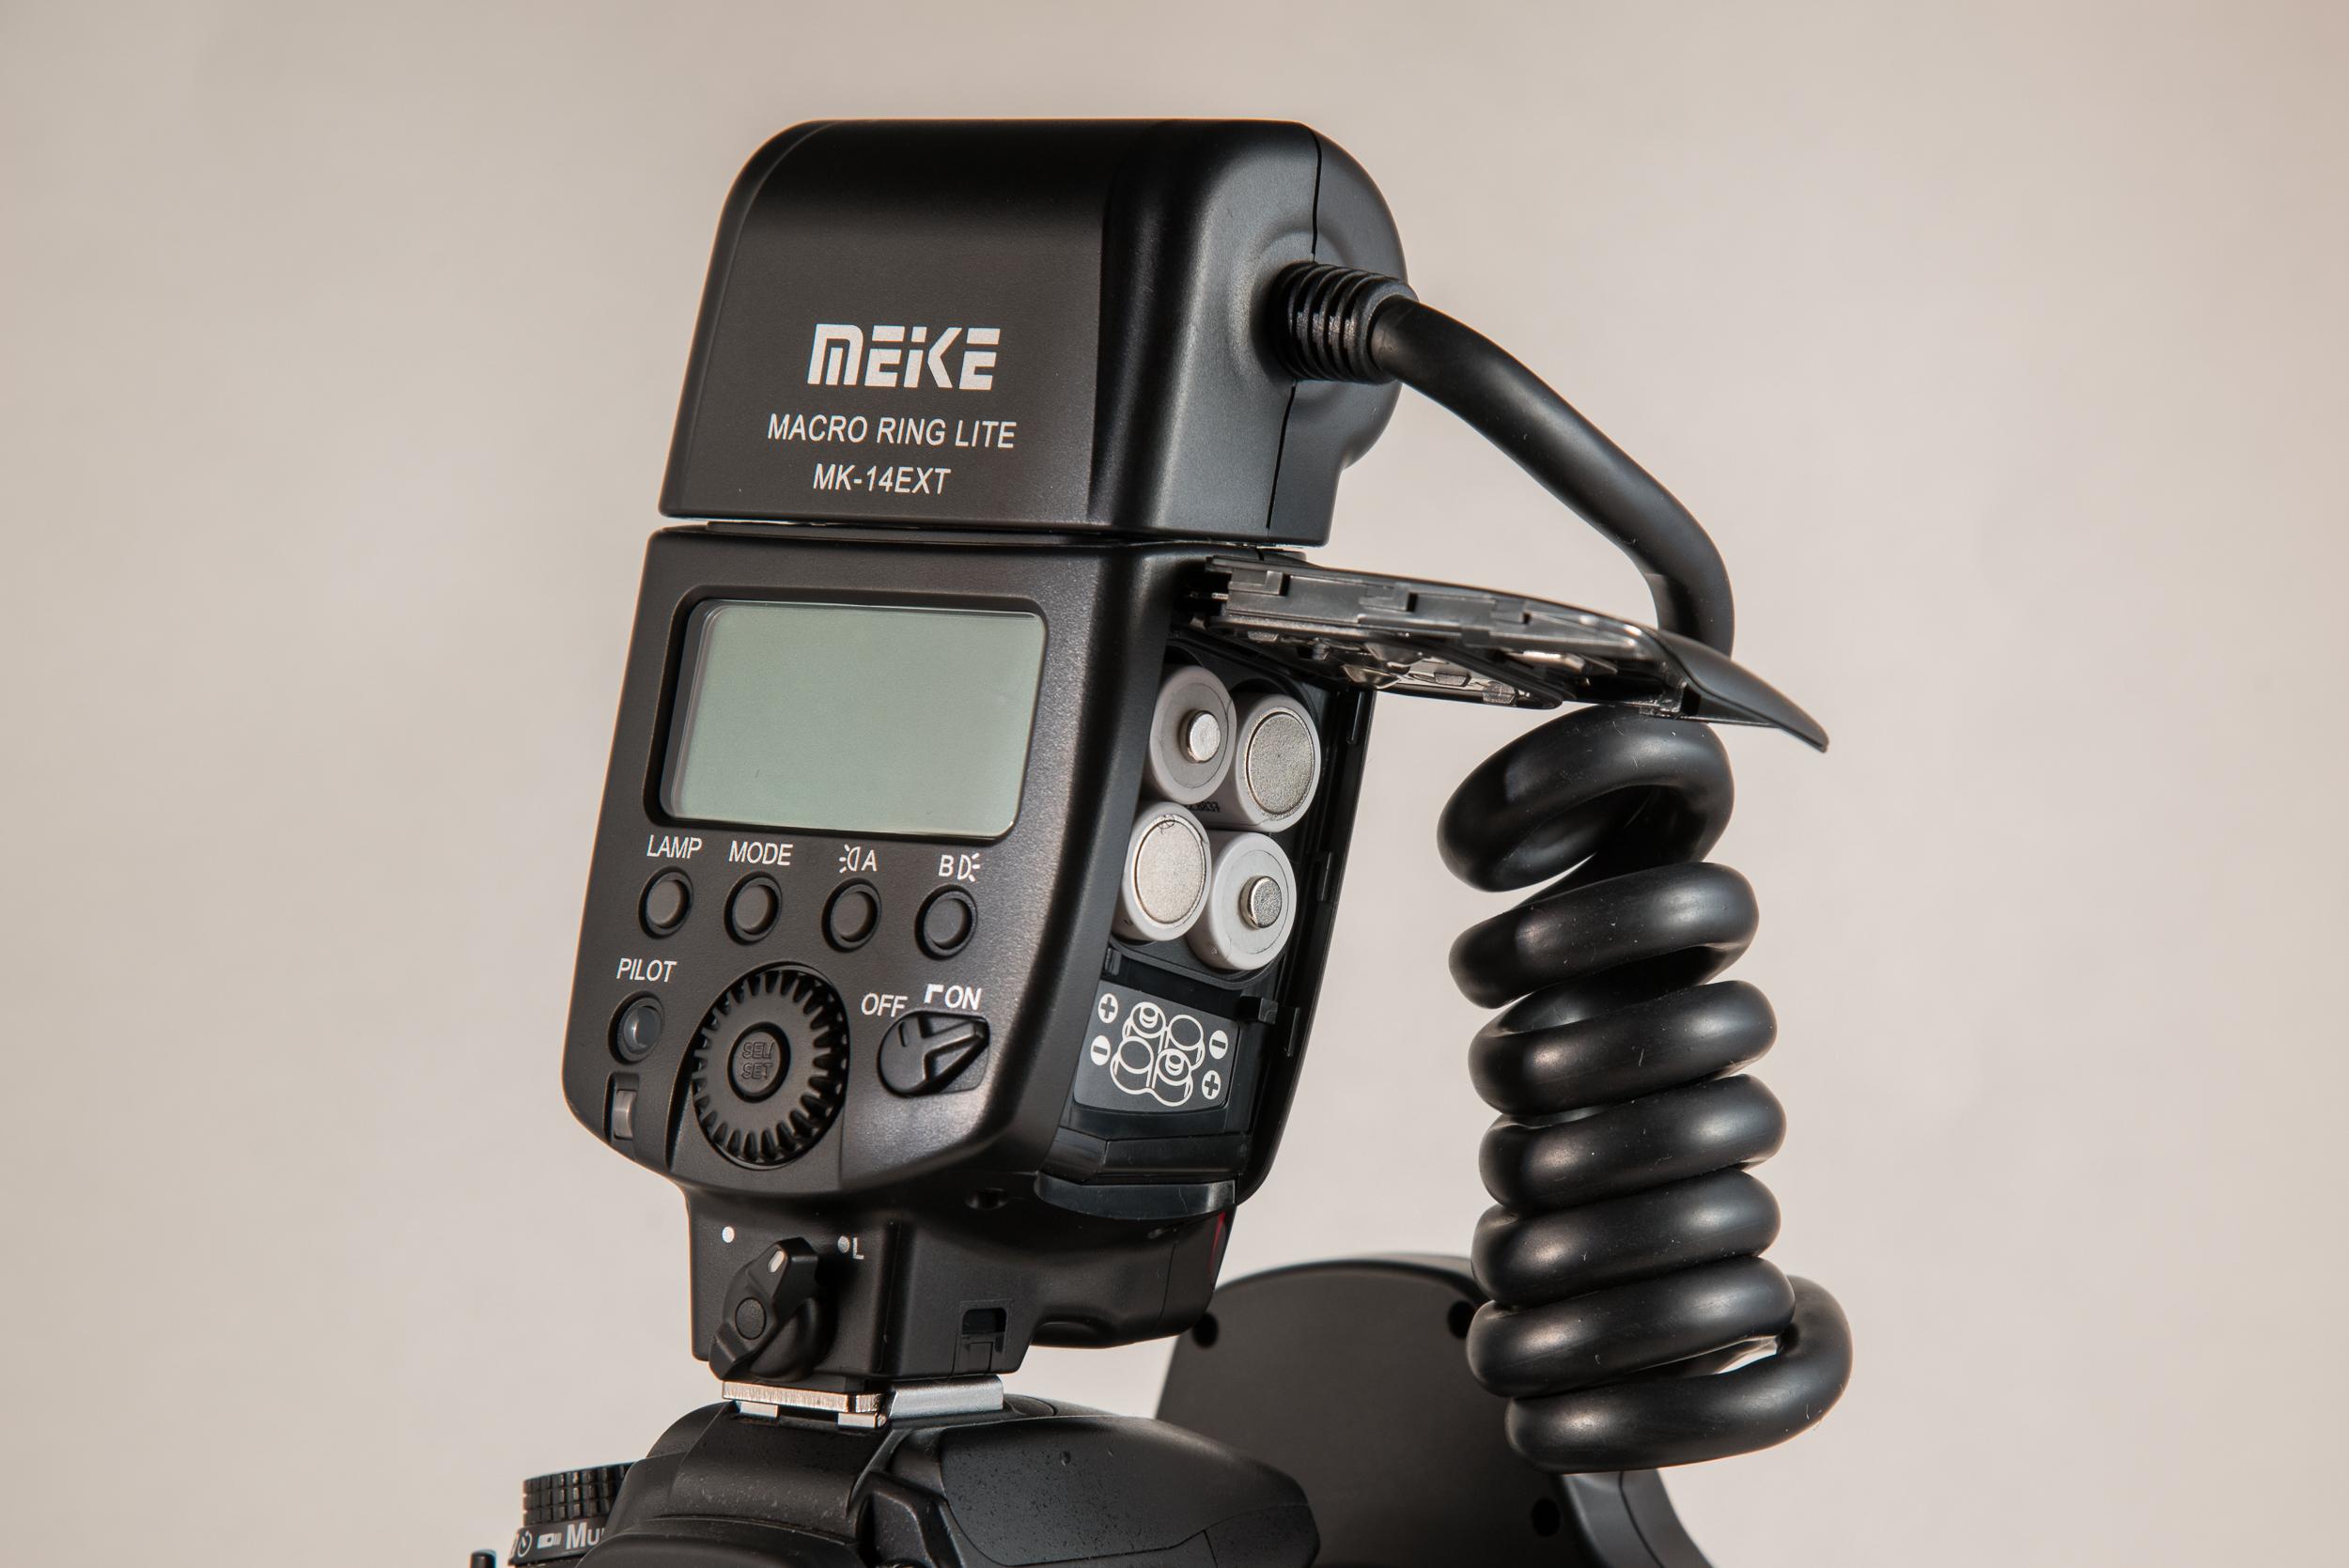 Mieke MK-14EXT Battery Door - utilizes 4-AA batteries